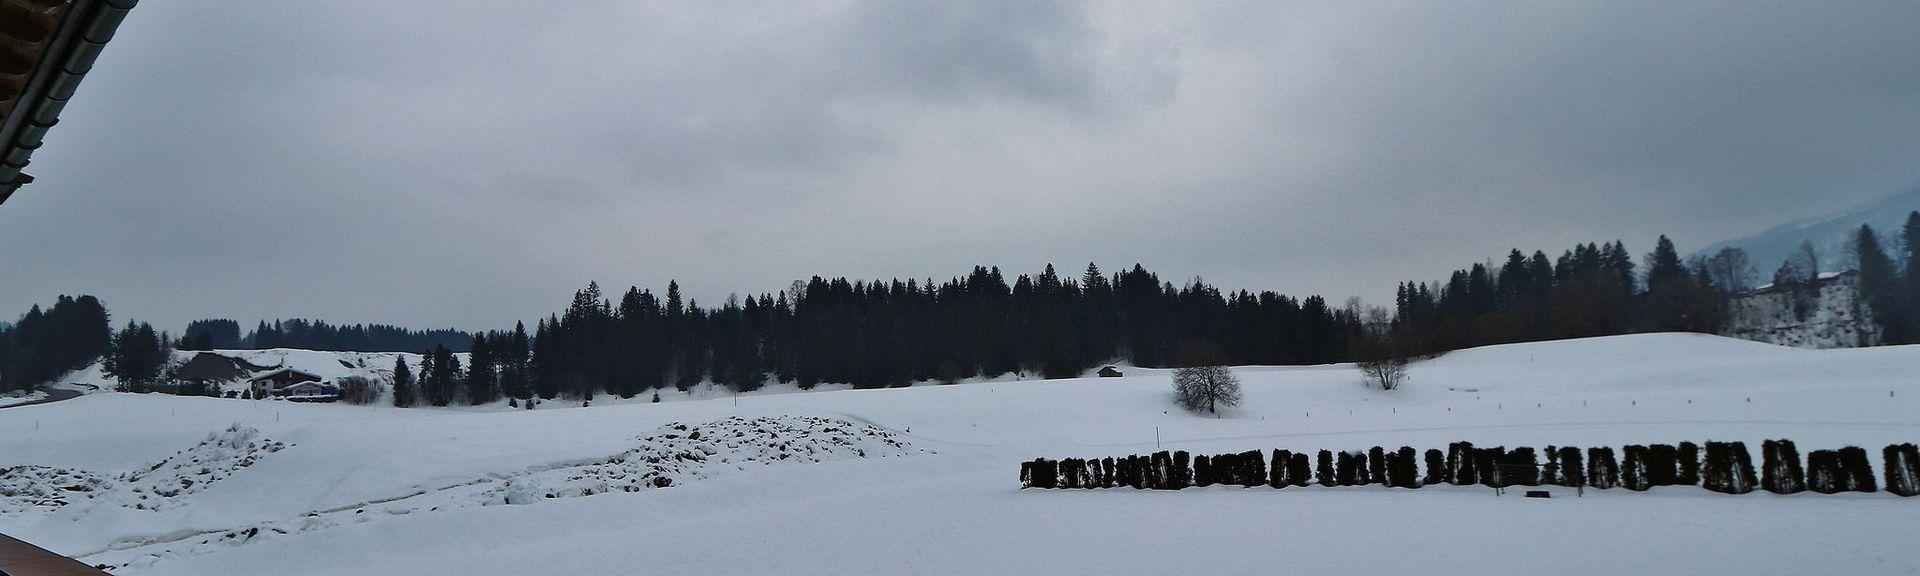 Kirchdorf in Tirol, Tirol, Østerrike